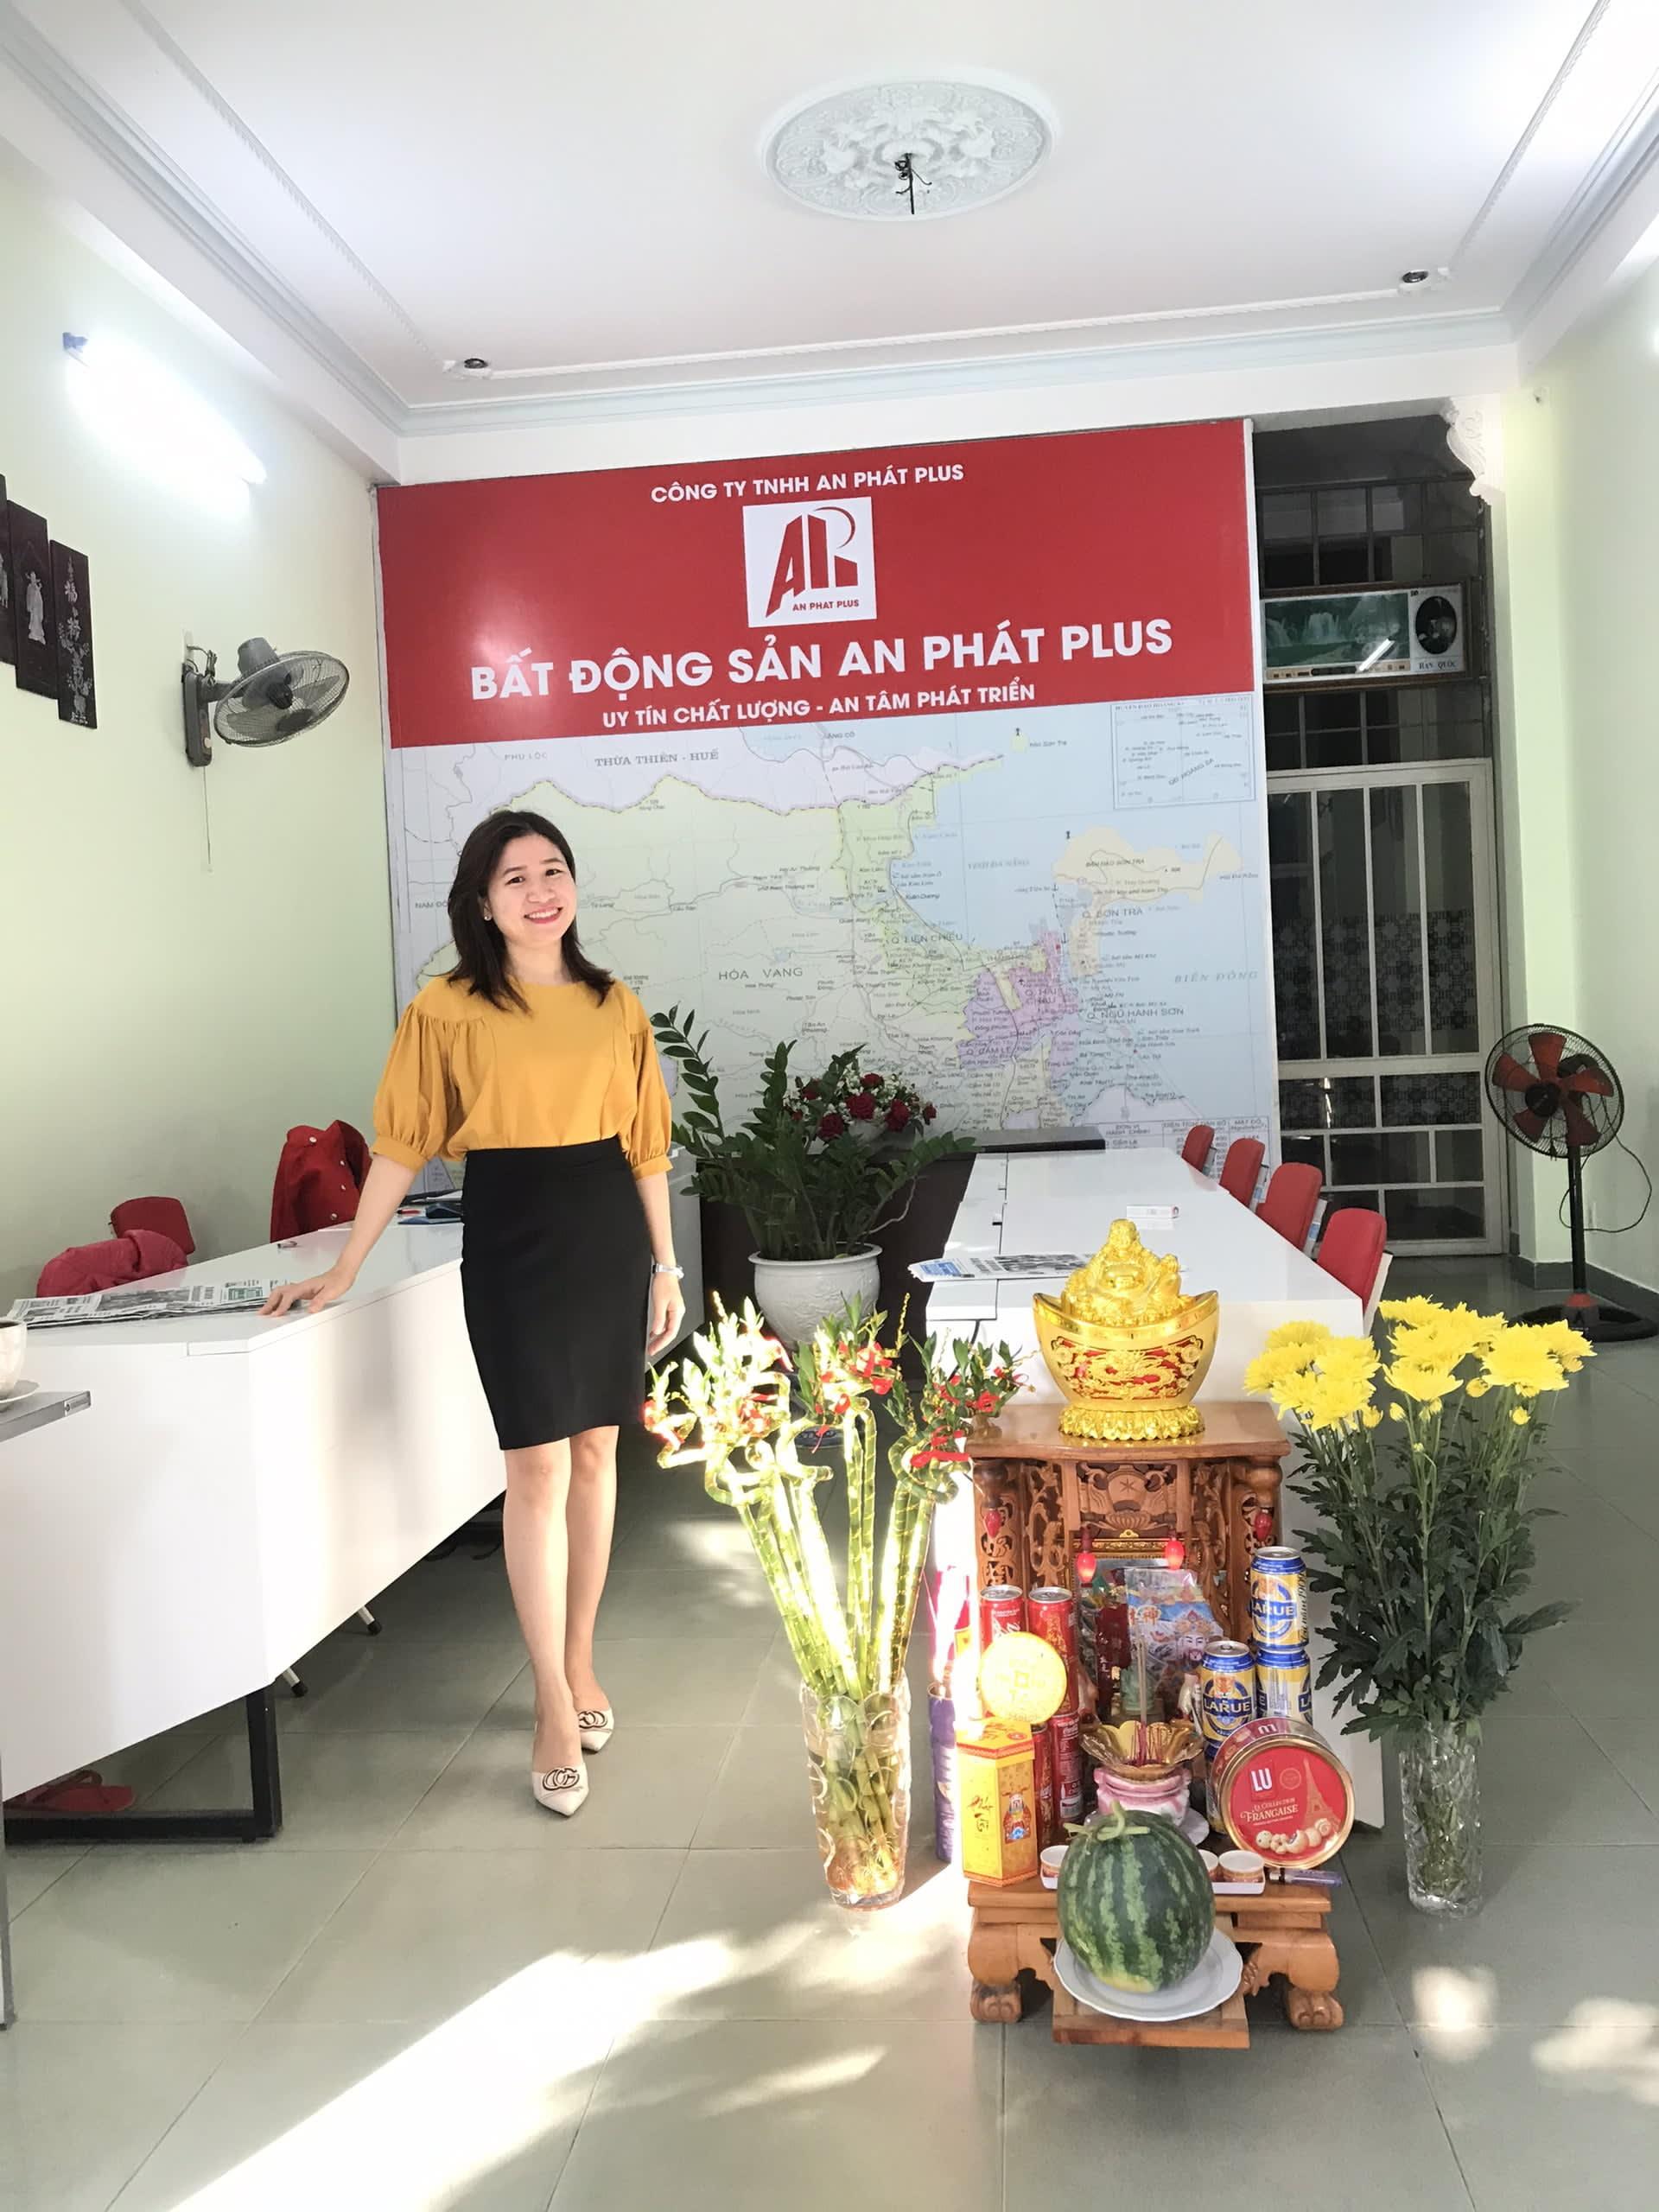 Nguyễn Thị Bích Thương